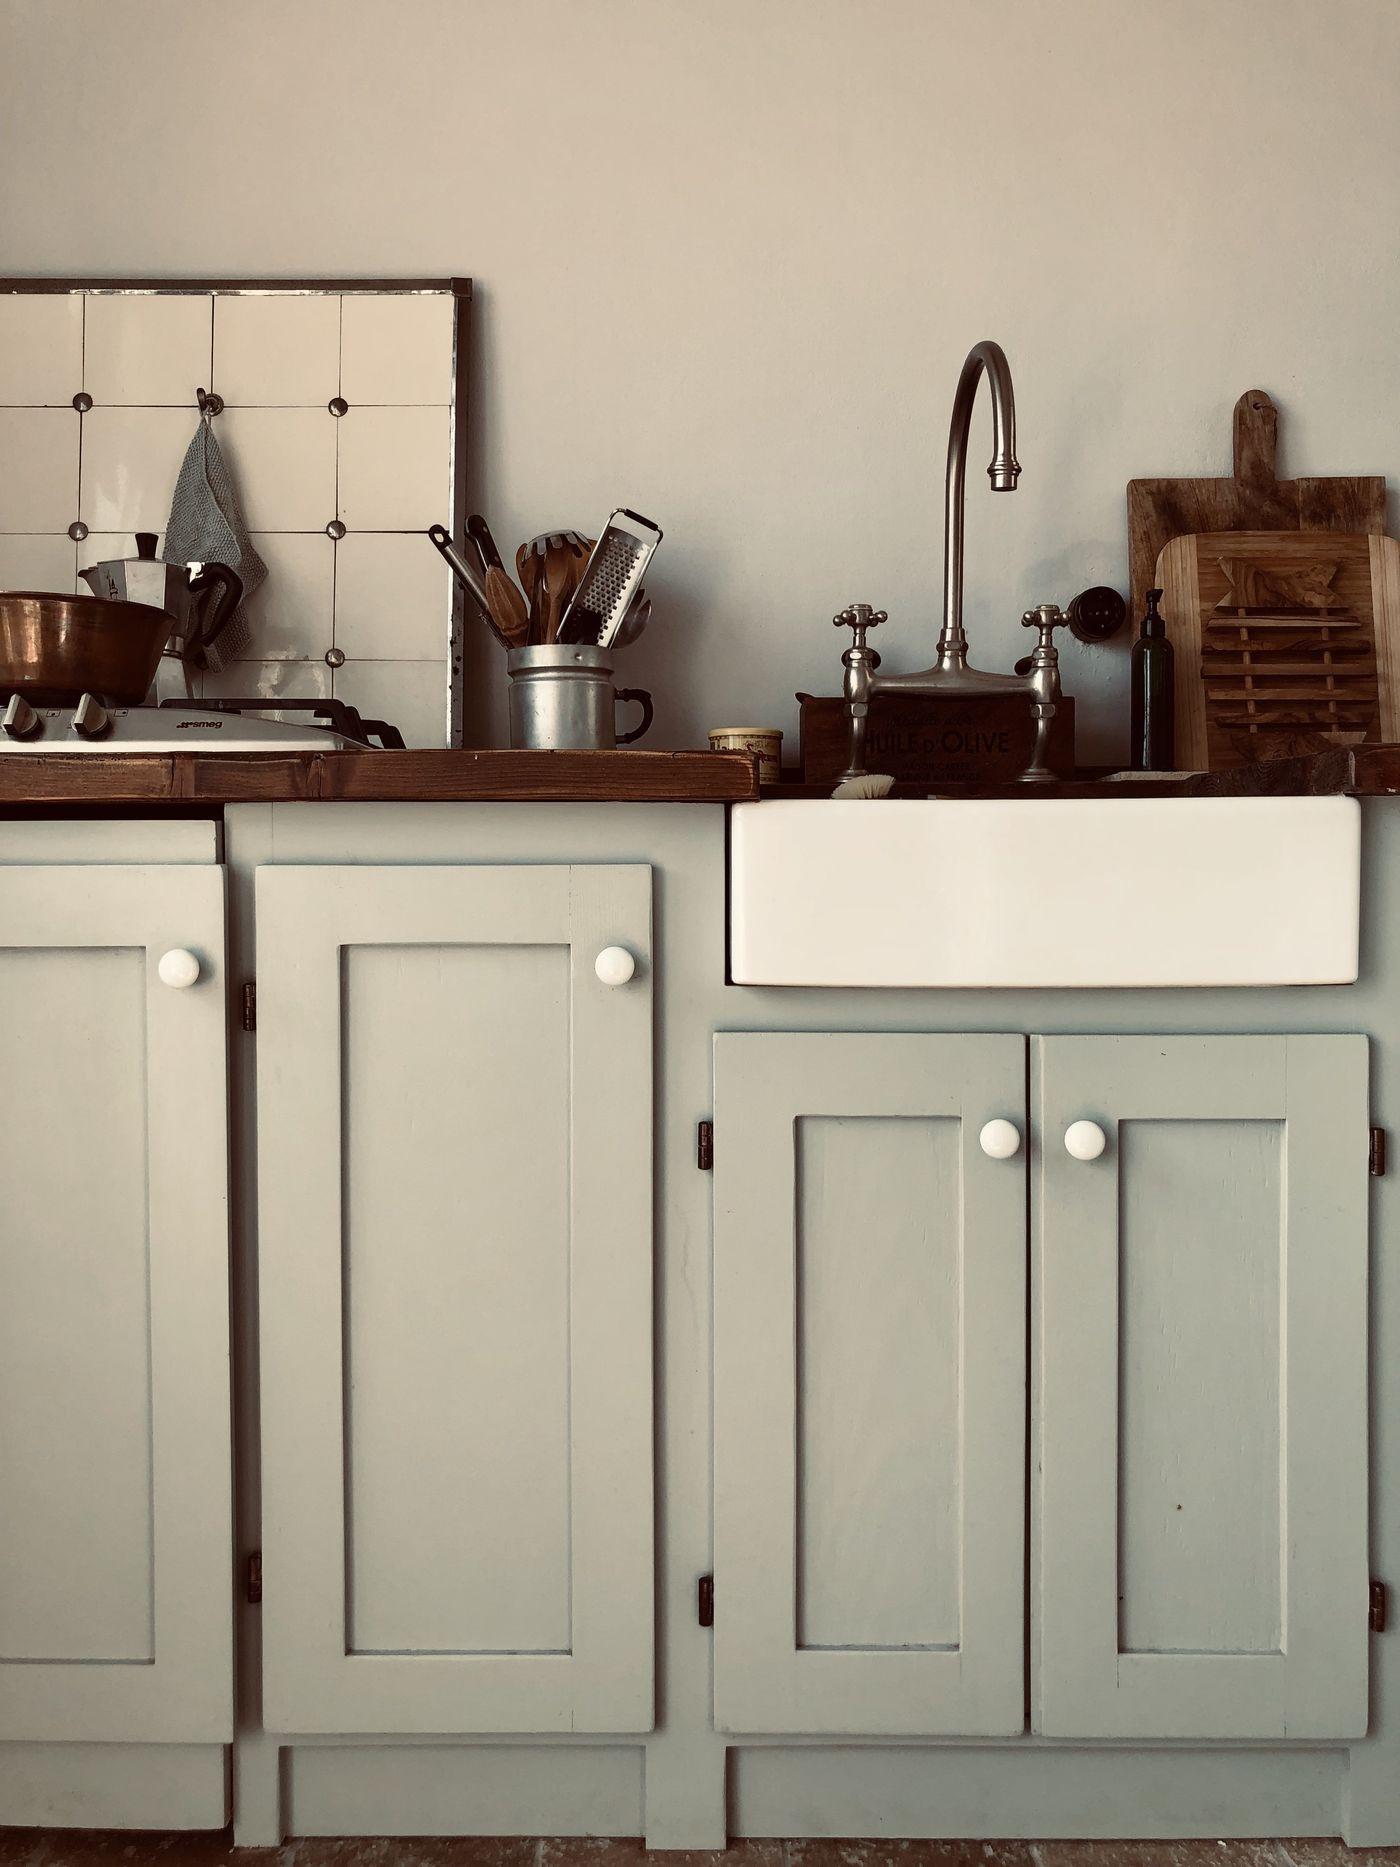 Wohnung Renovieren Tipps & Ideen